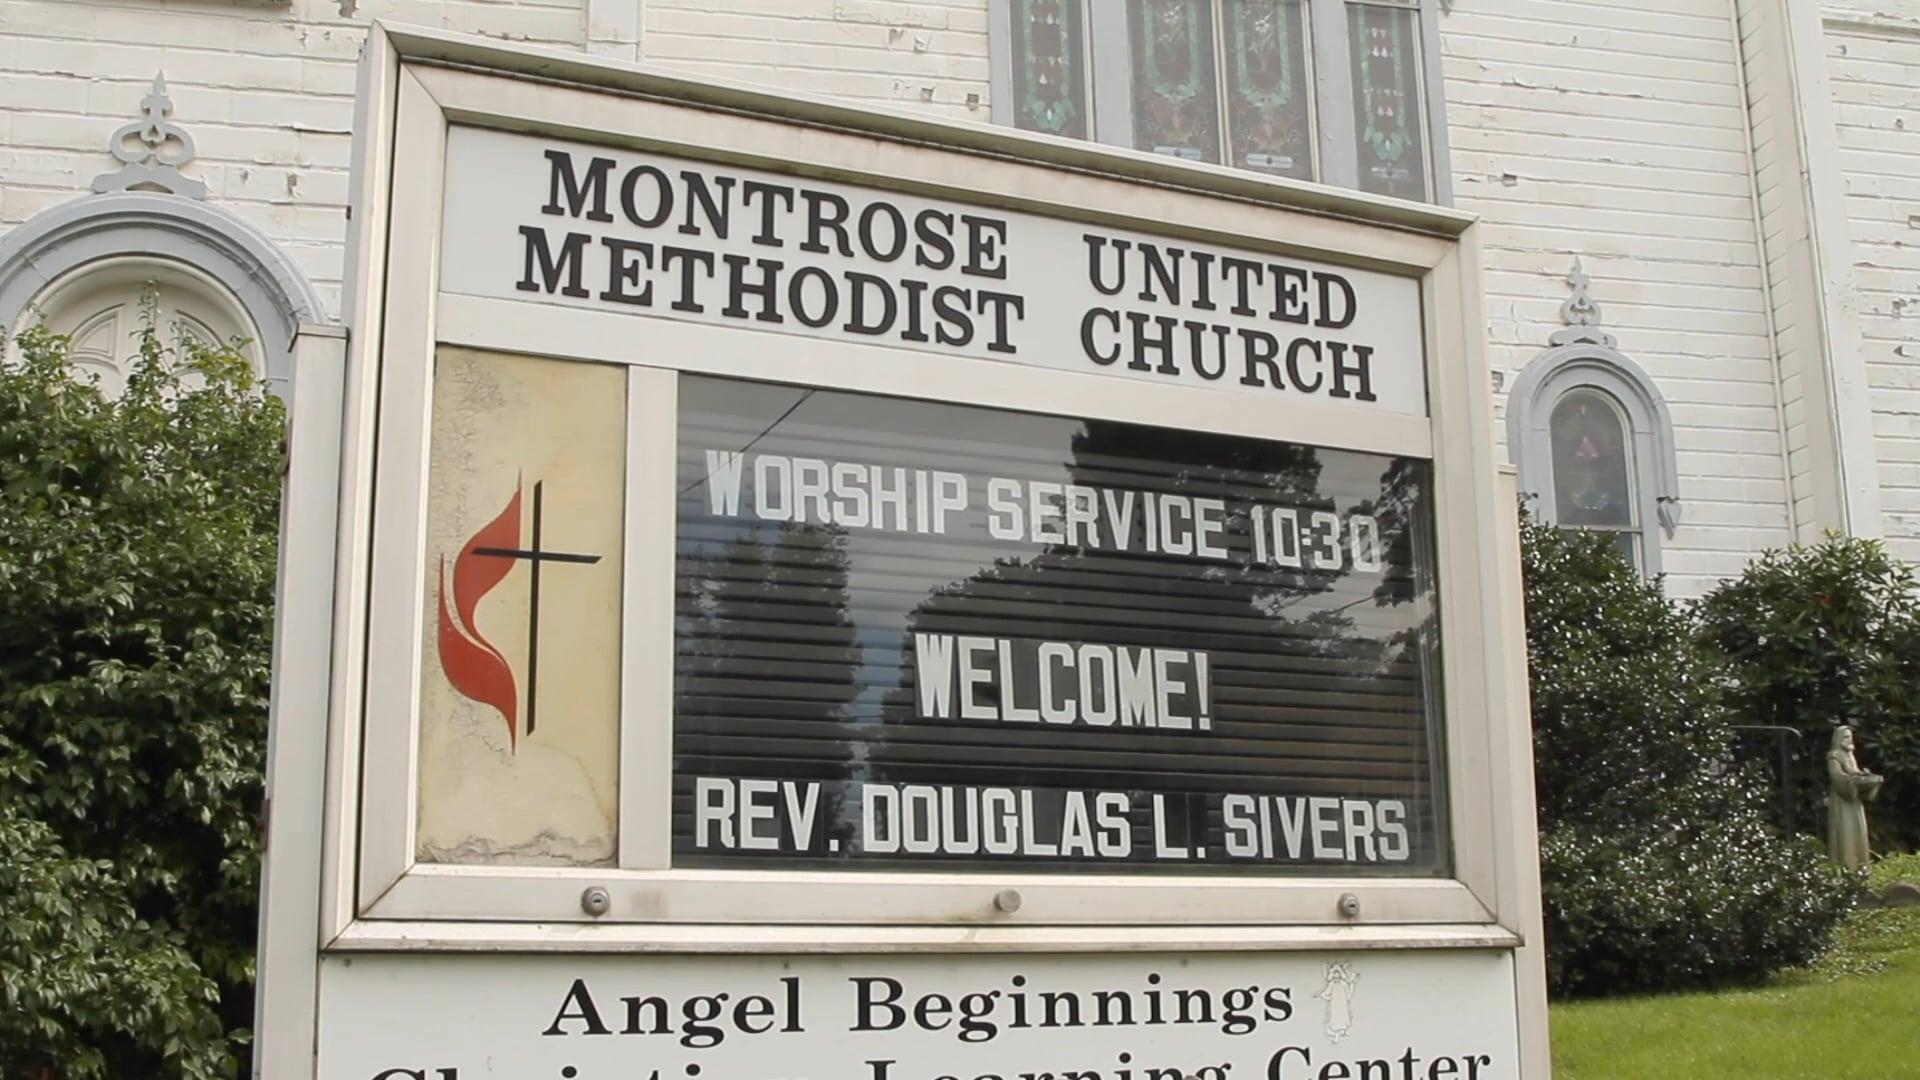 Susquehanna County Interfaith: Capital Campaign